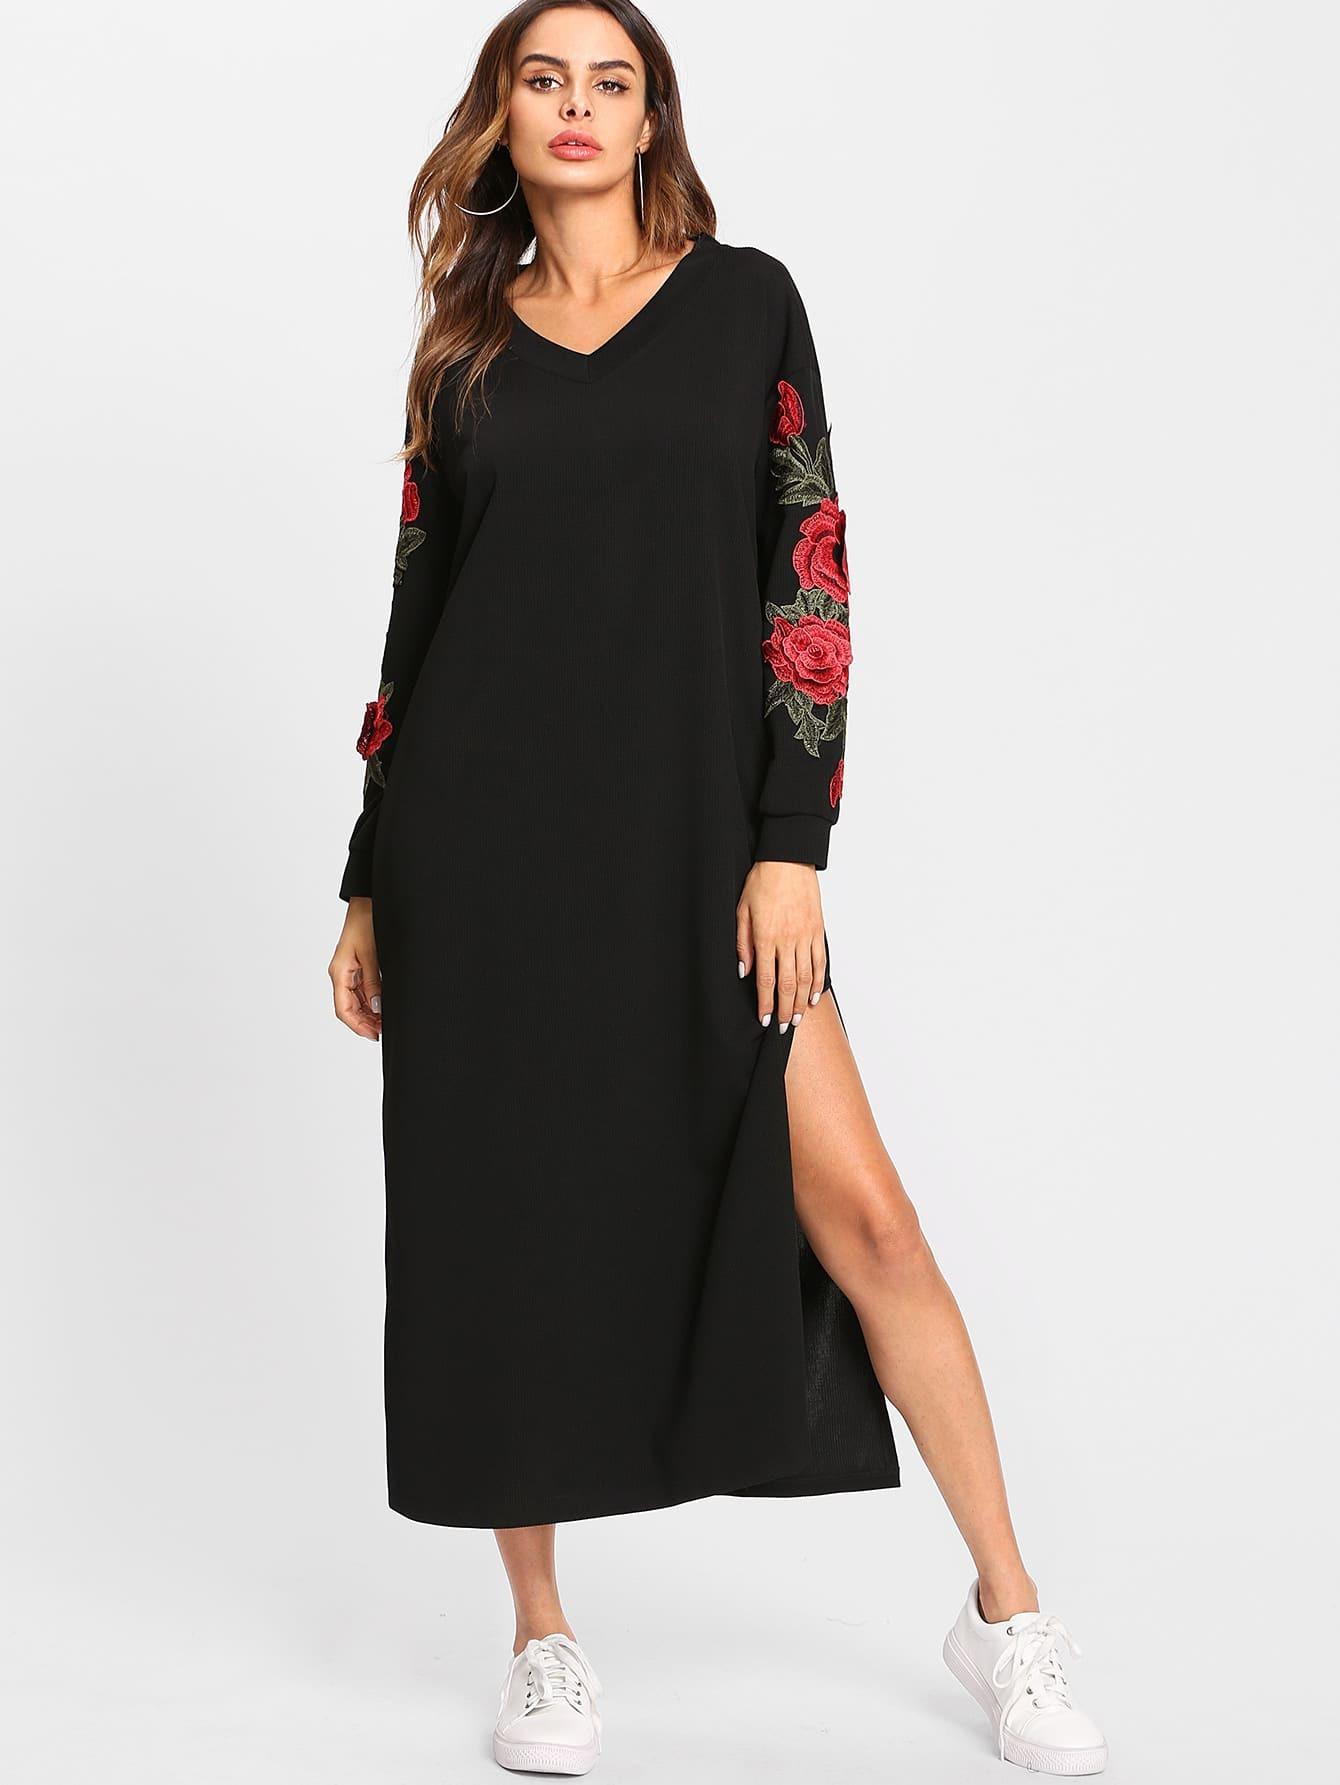 Sweatshirt Kleid mit Rosestickereien Applikation und Seiten Schlitz